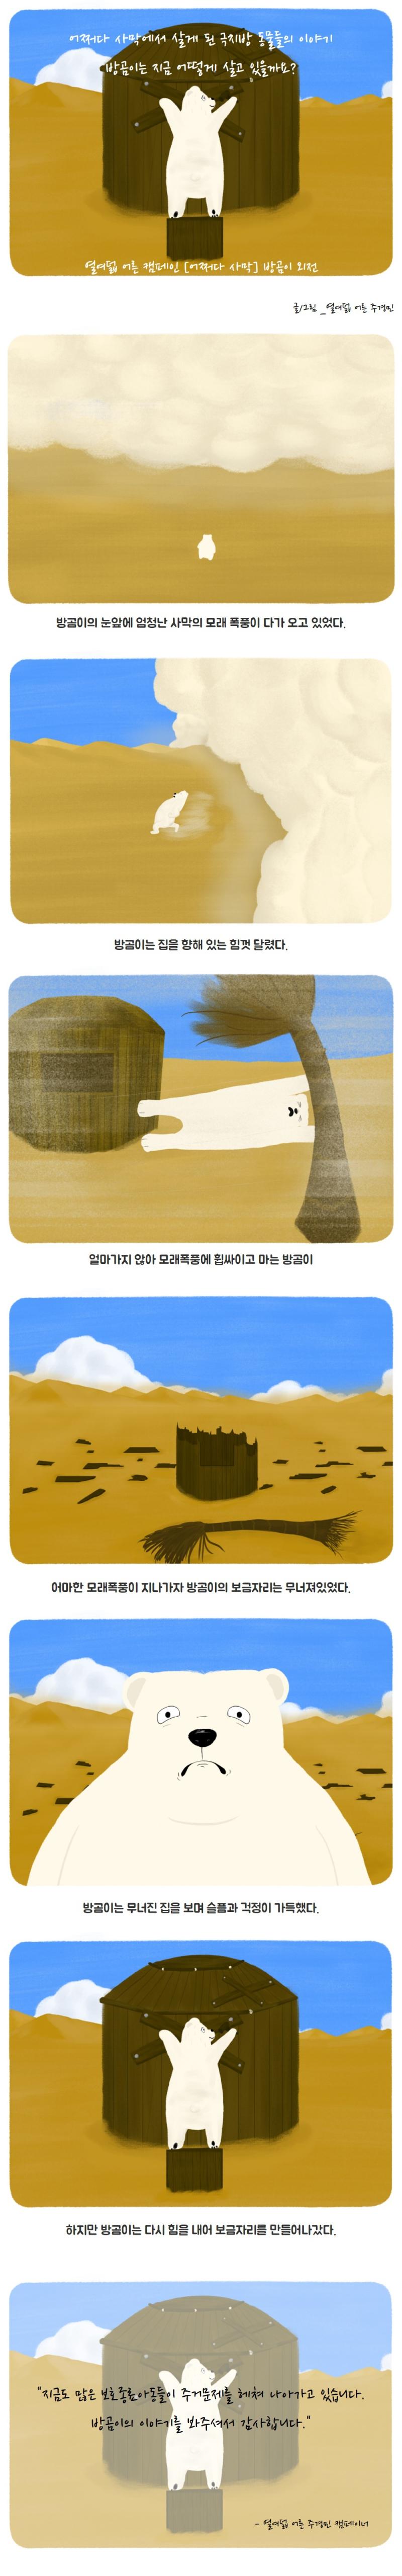 어쩌다 사막에서 살게된 방곰이, 그리고 그 이후의 방곰이의 이야기